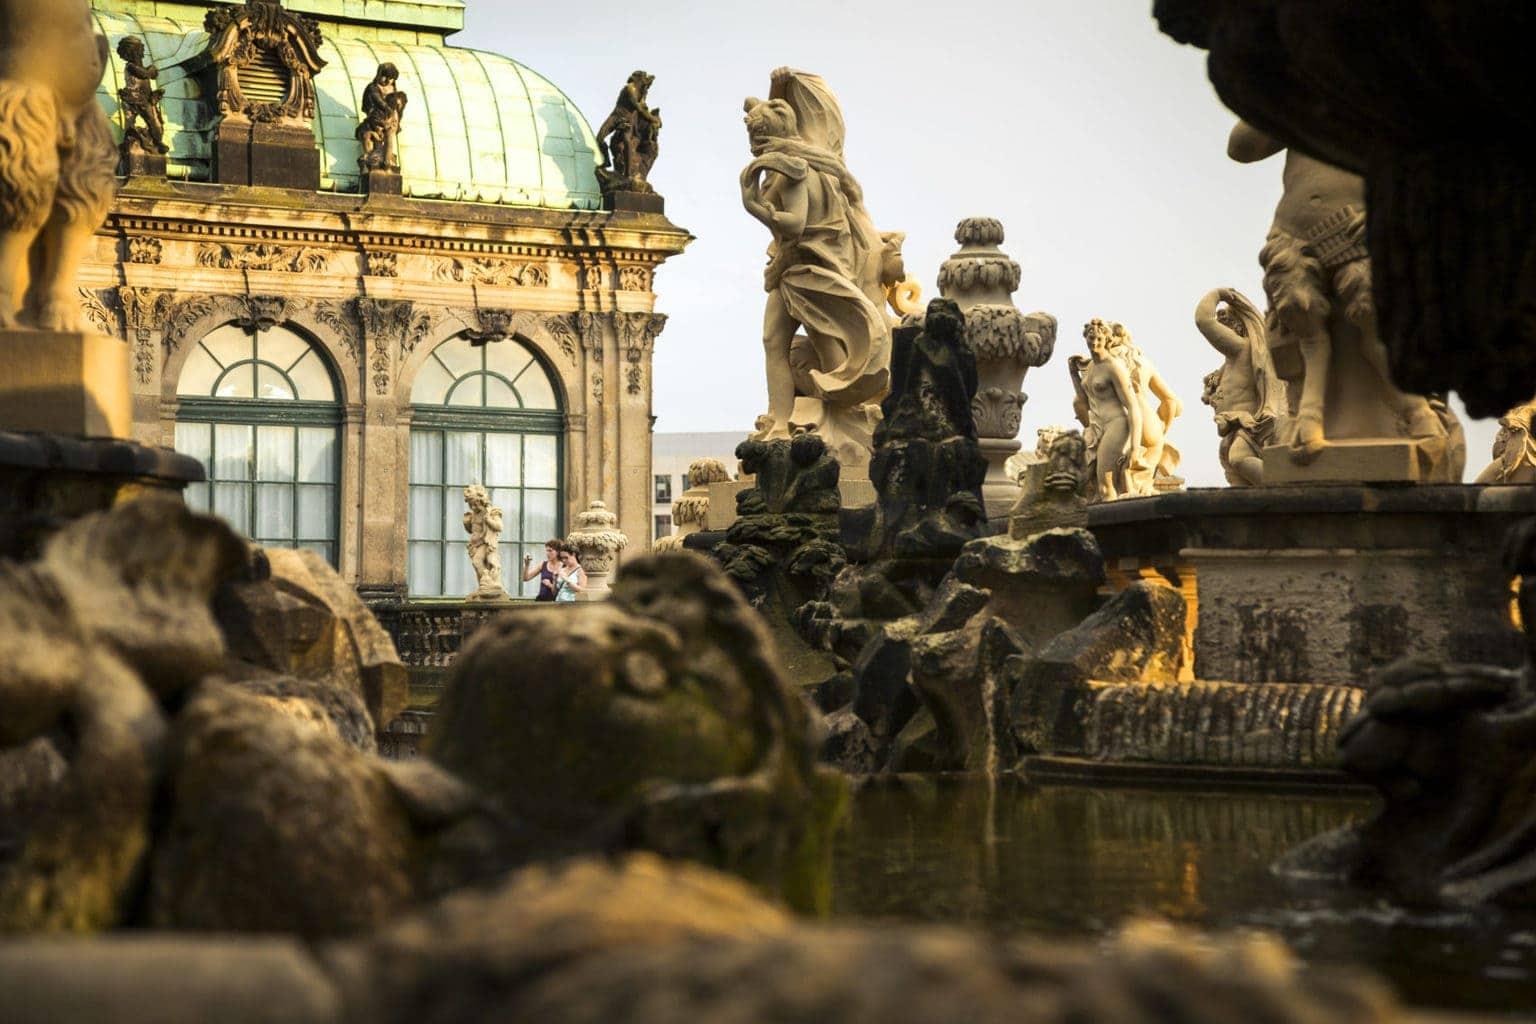 De Zwinger in Dresden is een van de belangrijkste musea van het land